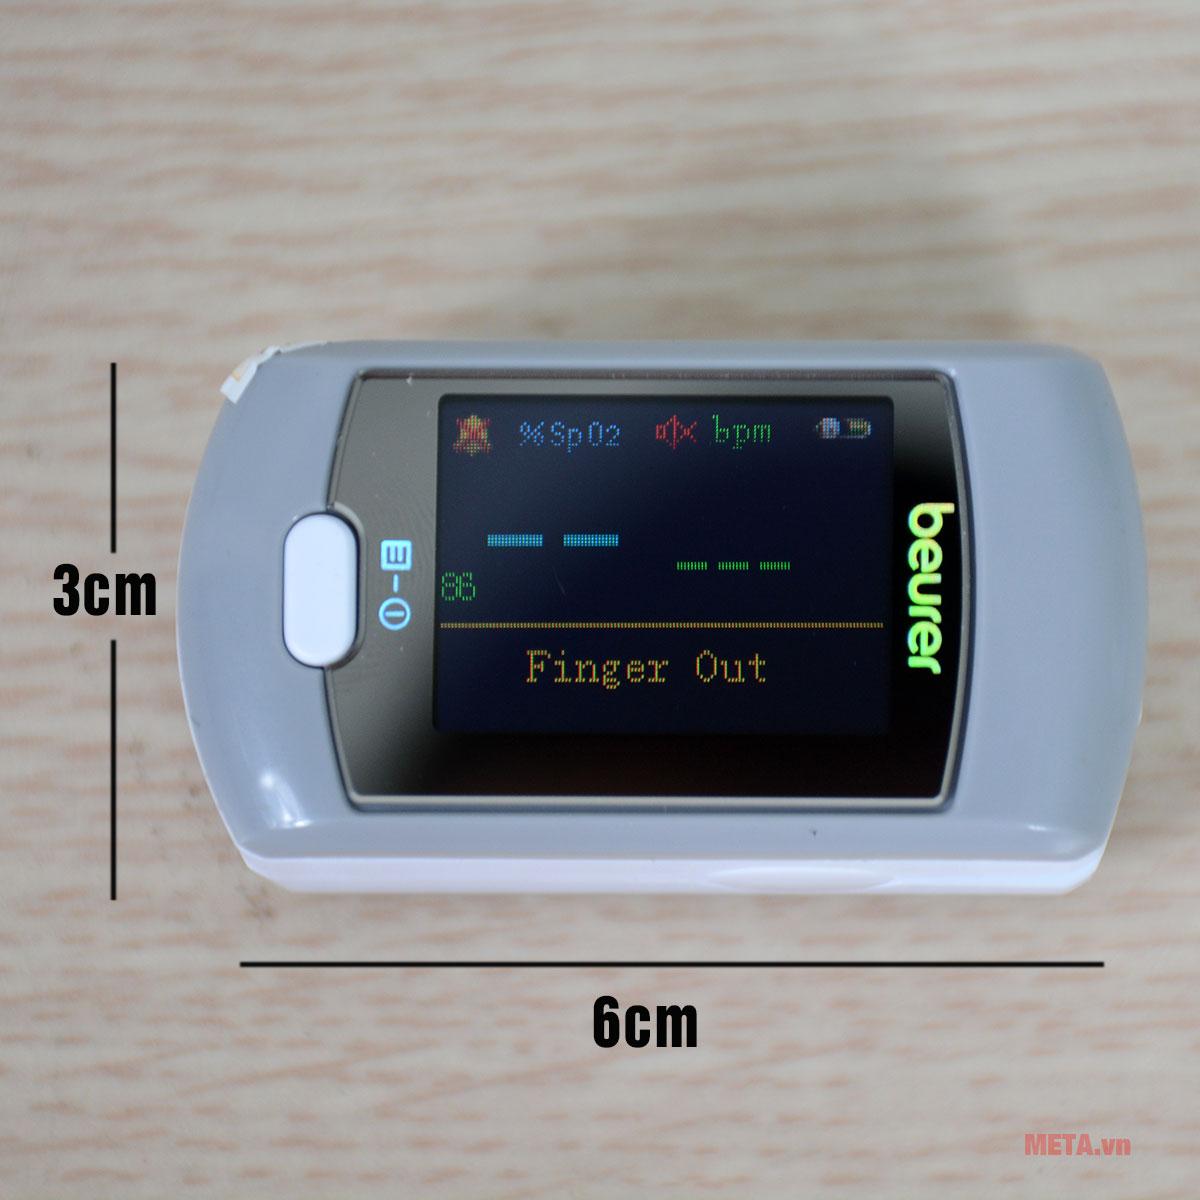 Kích thước máy đo SpO2 và nhịp tim Beurer PO80